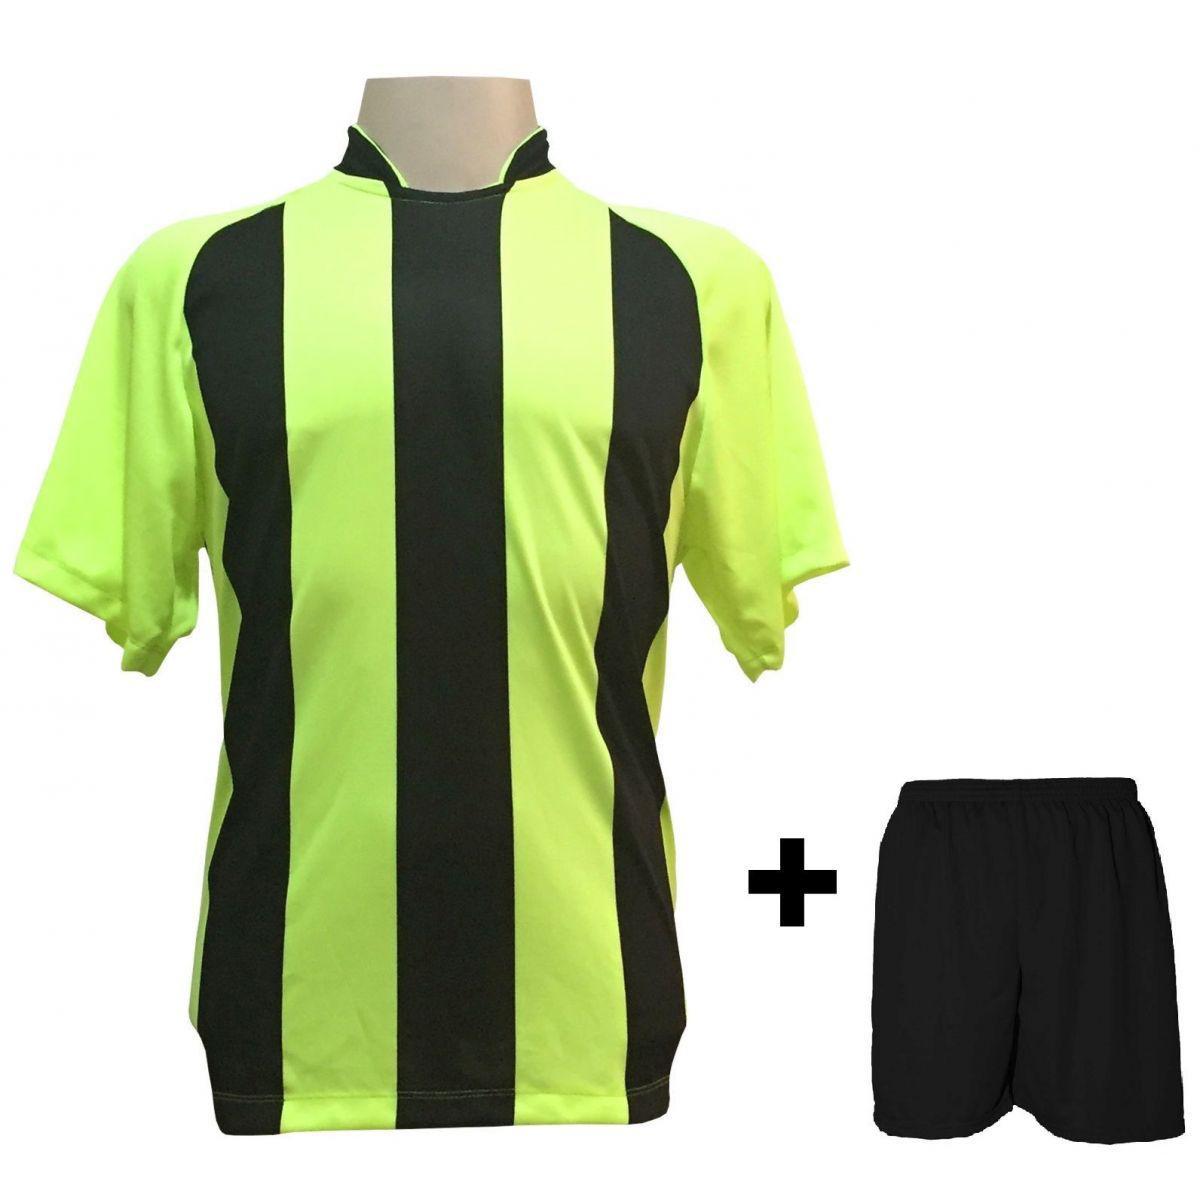 4854702e69 Uniforme Esportivo com 12 camisas modelo Milan Limão Preto + 12 calções  modelo Madrid + 1 Goleiro + Brindes - Play fair - Futebol - Magazine Luiza